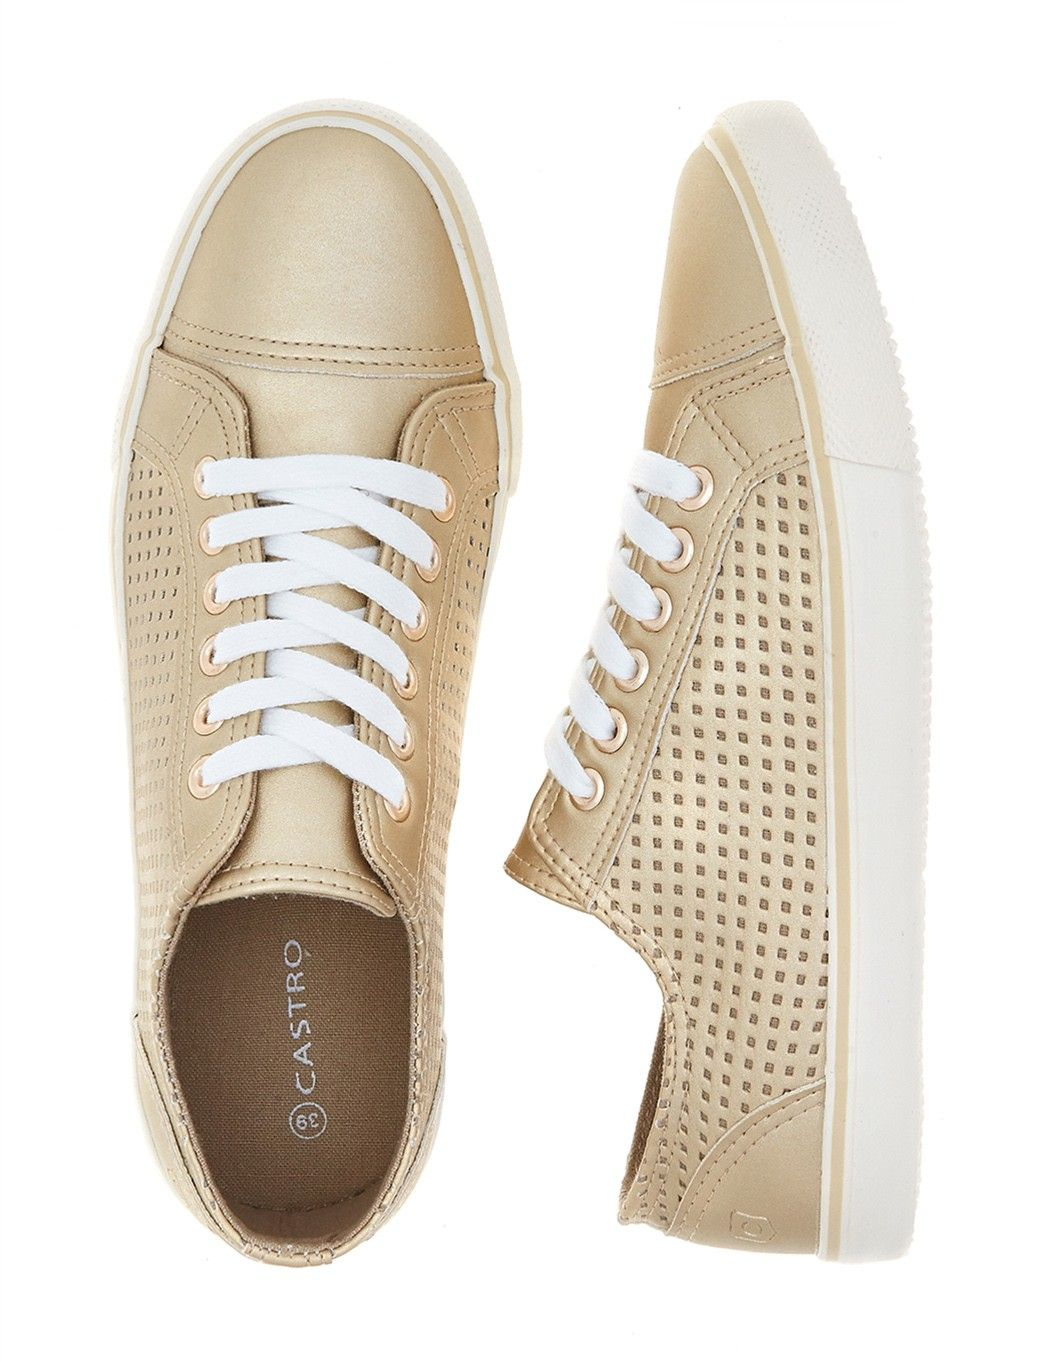 Golden Sneakers - Castro.com